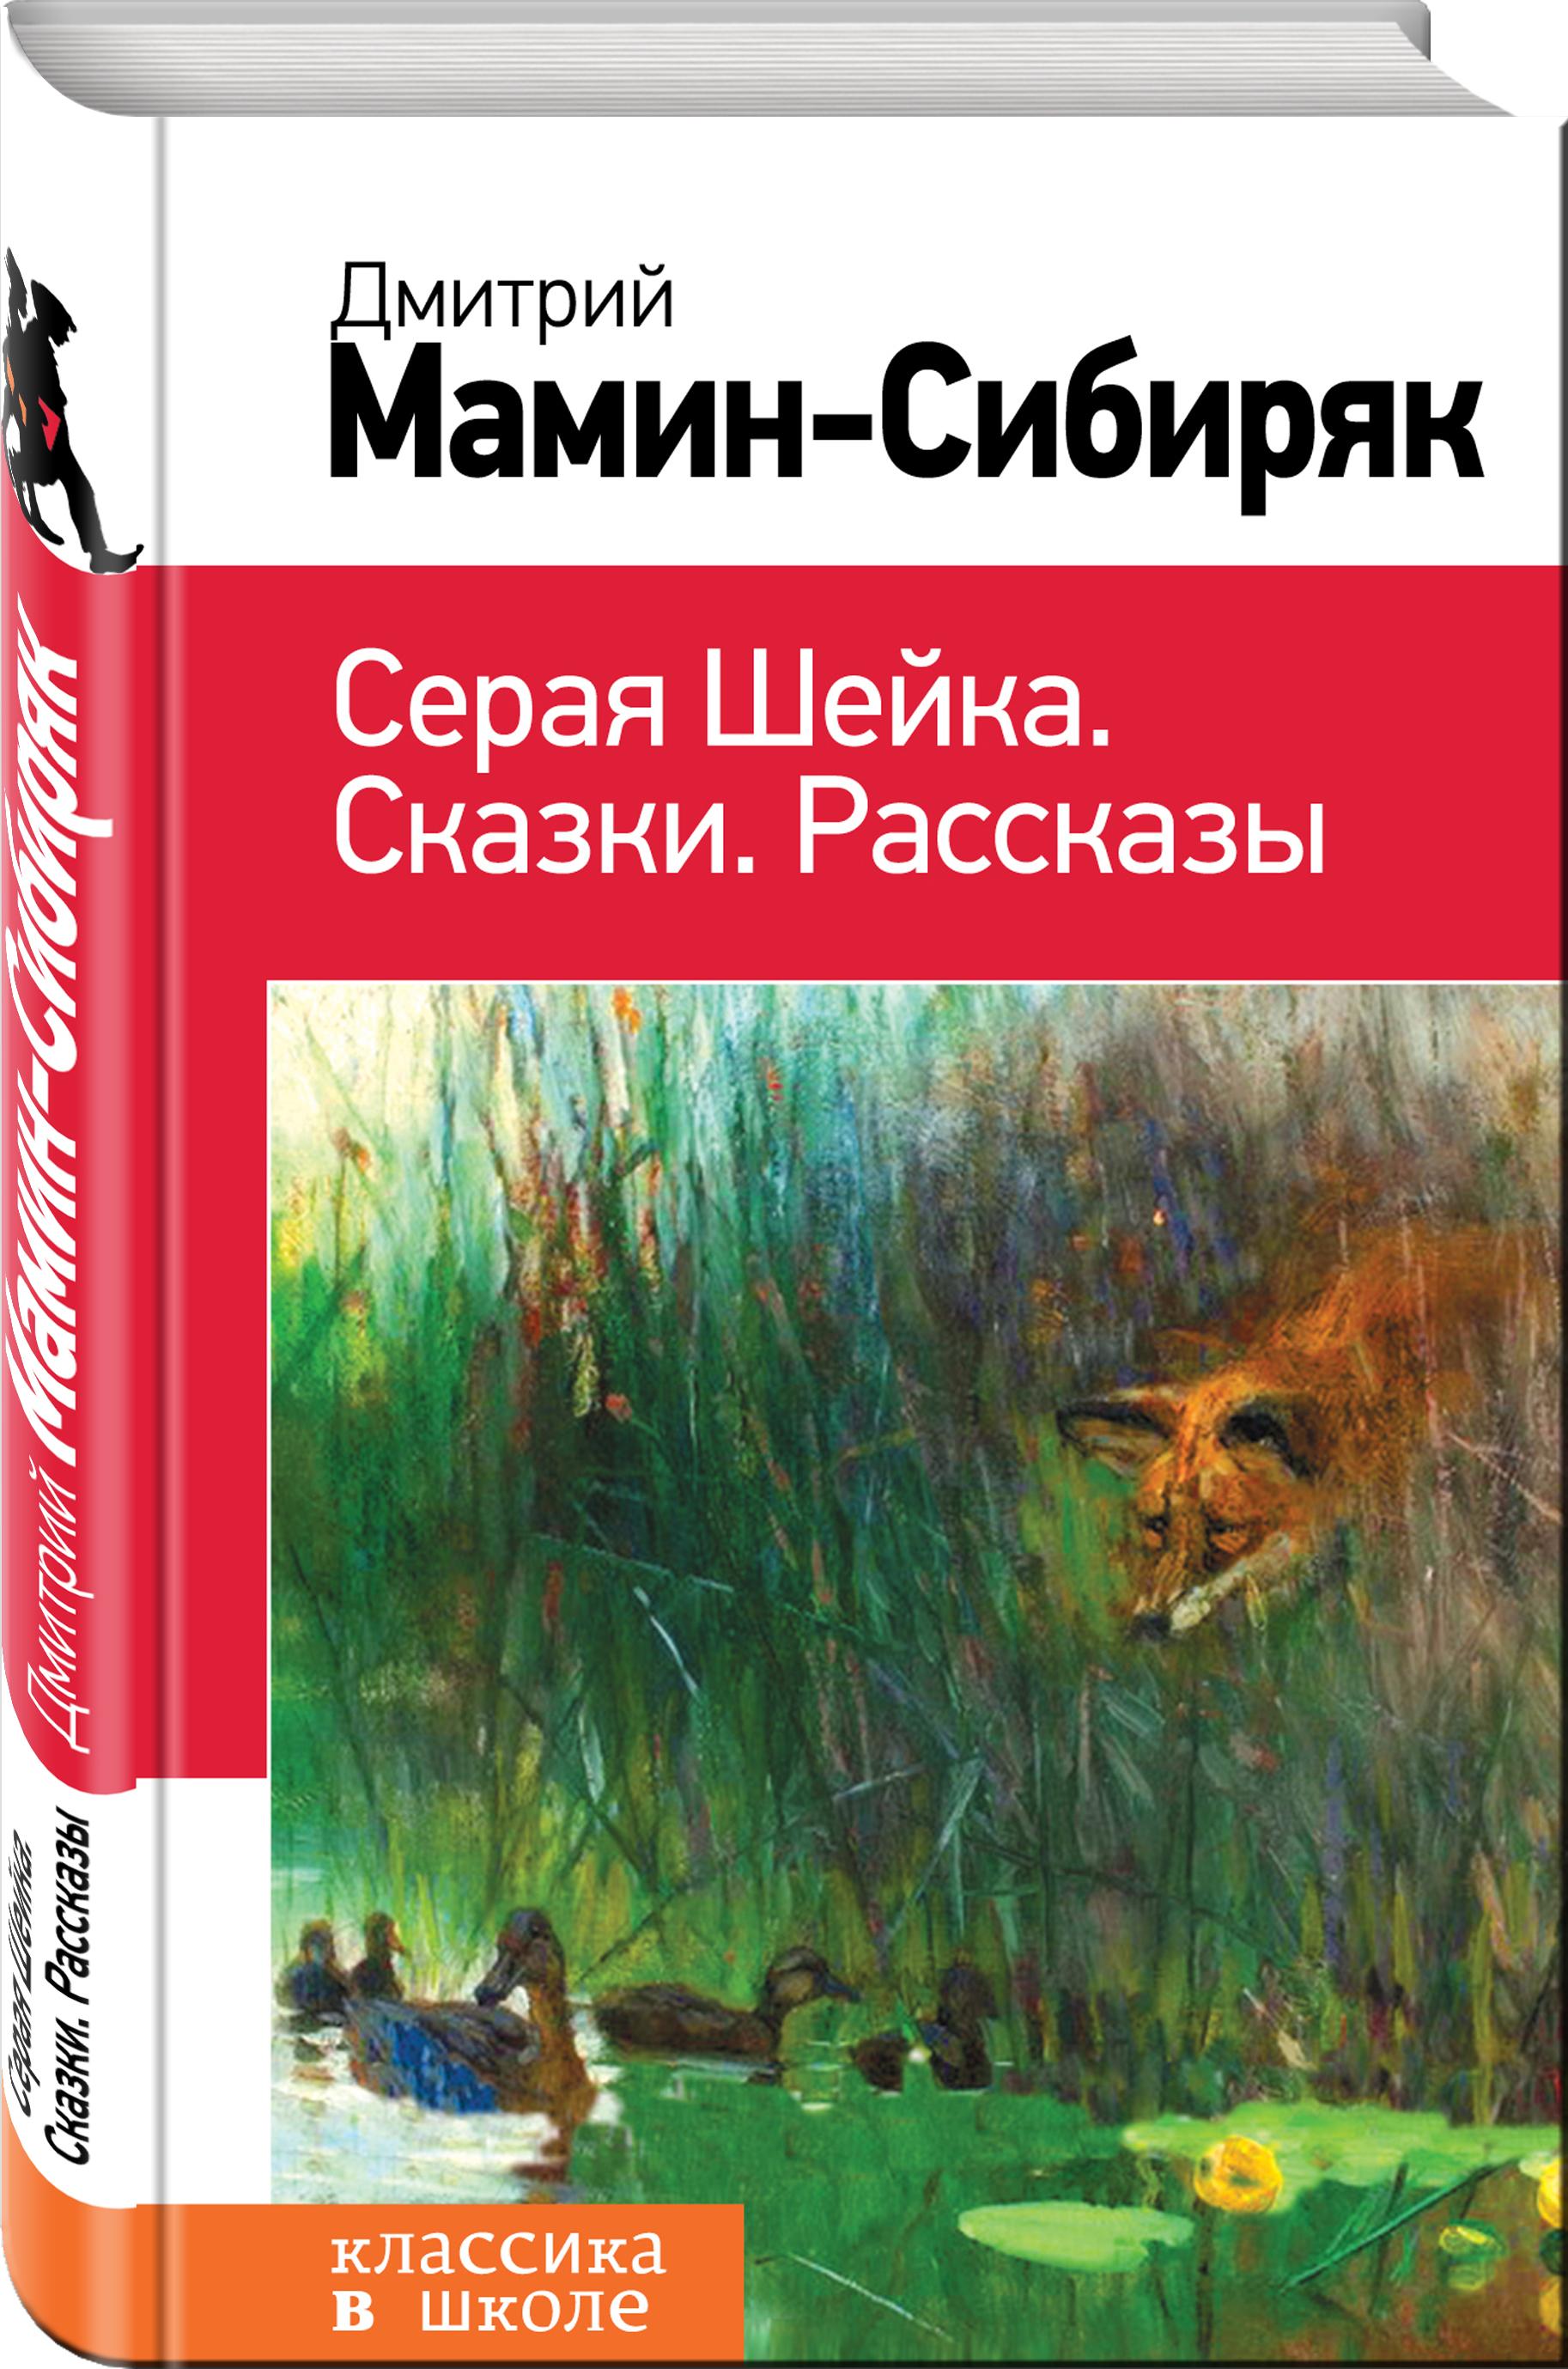 Мамин-Сибиряк Д.Н. Серая Шейка. Сказки. Рассказы дмитрий мамин сибиряк рассказы и сказки